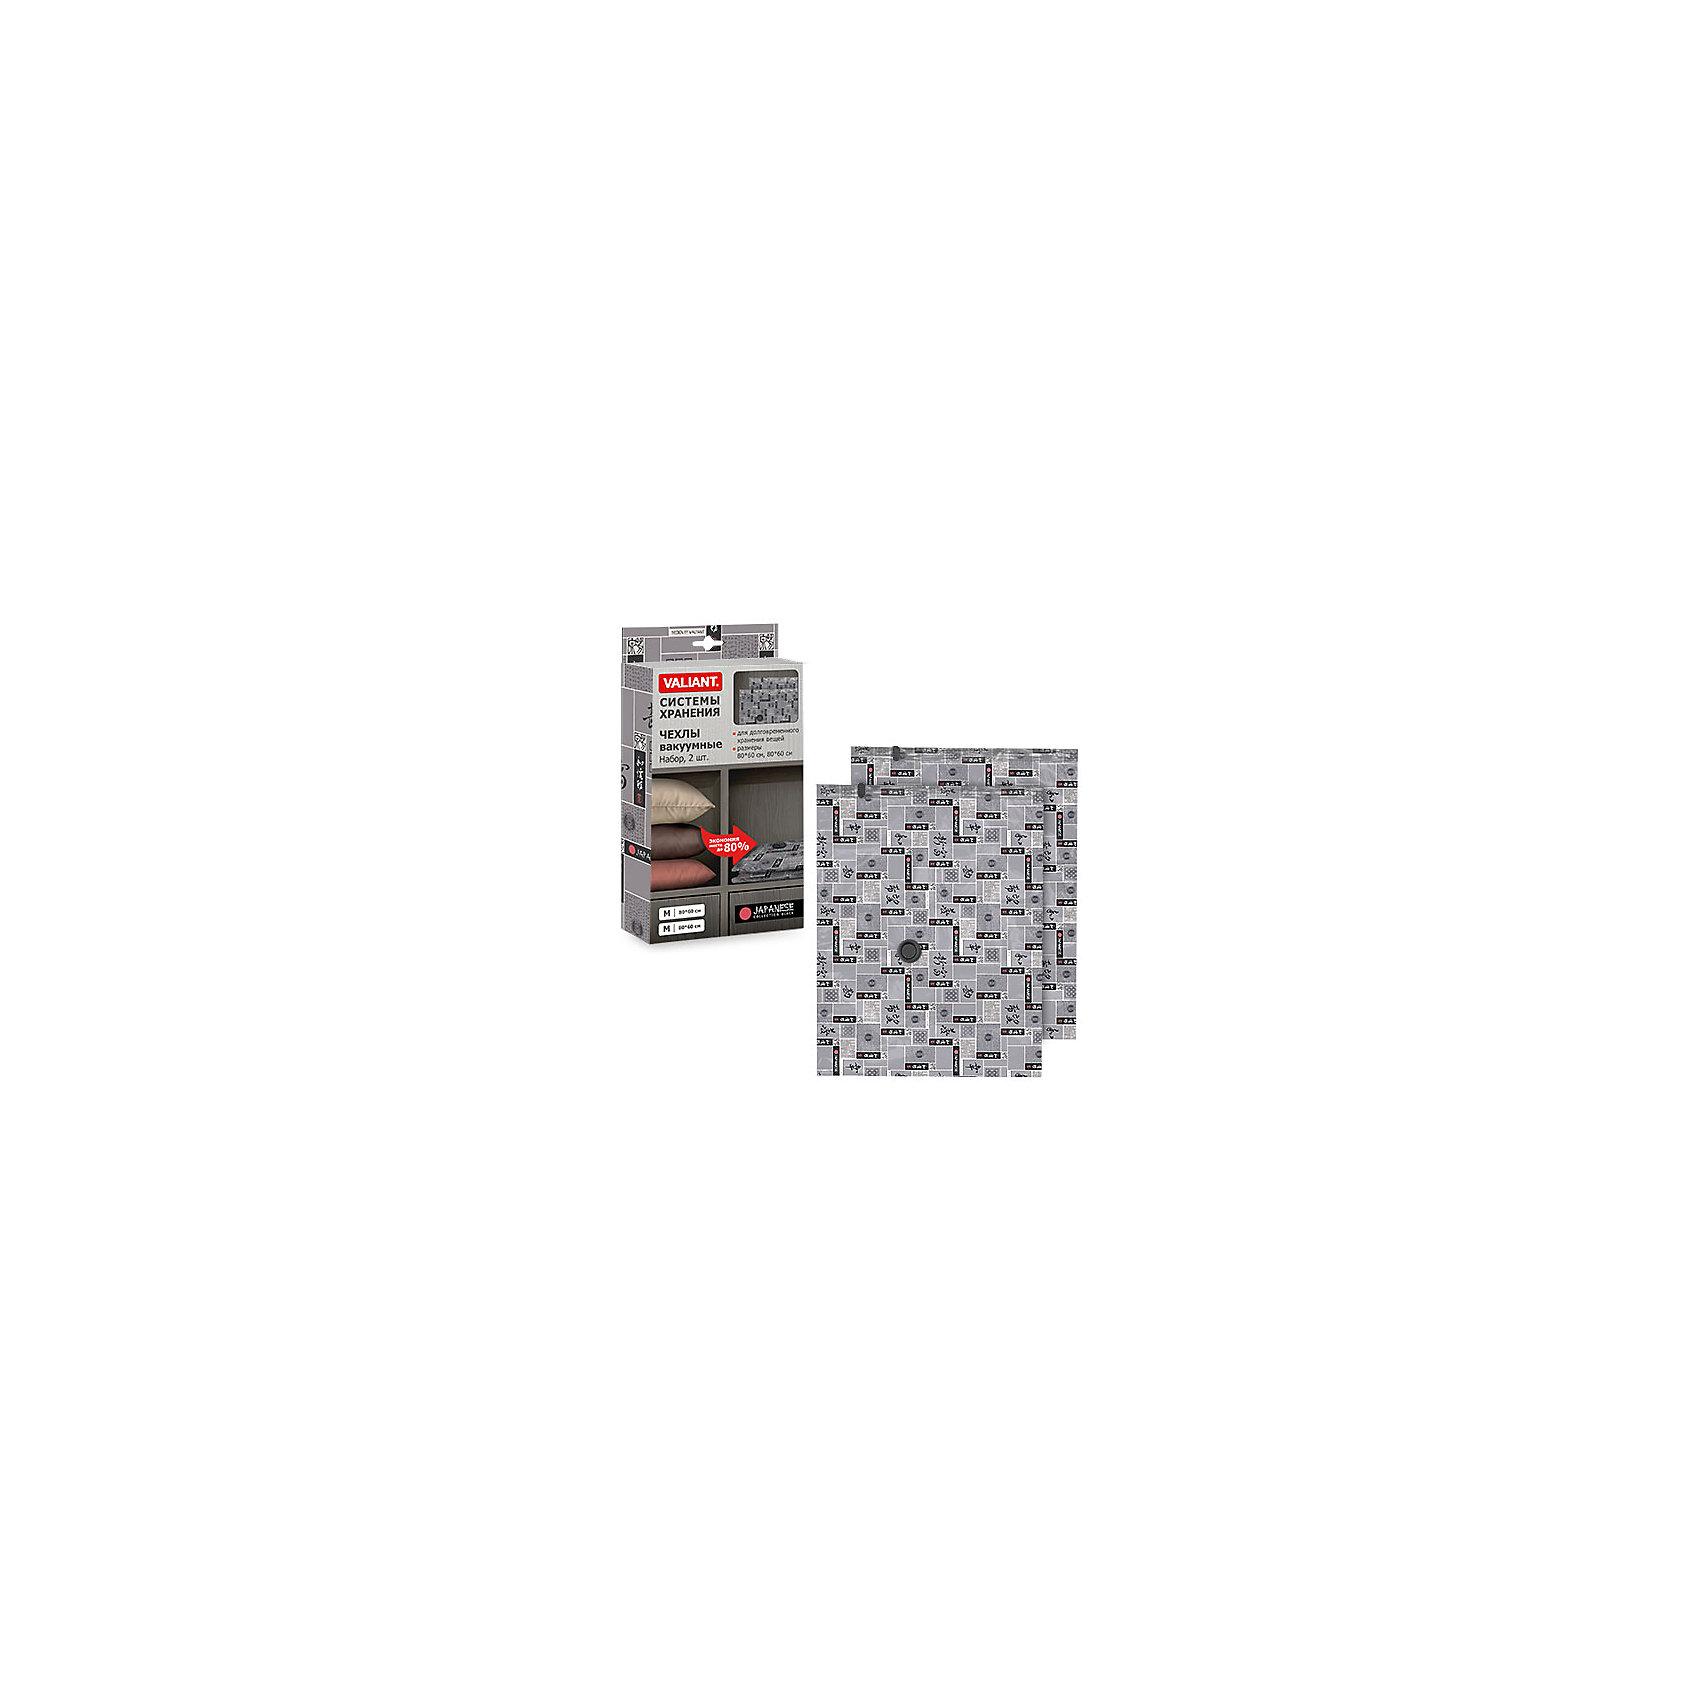 Набор чехлов с клапаном для вакуумного хранения, 2 шт, 80*60 см, JAPANESE BLACK, ValiantНабор чехлов с клапаном для вакуумного хранения, 2 шт, 80*60 см, JAPANESE BLACK, Valiant (Валиант)<br>Чехлы с клапаном для вакуумного хранения JAPANESE BLACK от Valiant (Валиант) разработаны специально для долговременного хранения и перевозки постельного белья, одежды, зимних вещей. Они отлично защитят ваши вещи от пыли, пятен, плесени, моли и других насекомых, а также от обесцвечивания, запахов и бактерий, и помогут надолго сохранить их безупречный вид. Чехлы изготовлены из высококачественных полимерных материалов. Упаковывать вещи в вакуумные чехлы можно с помощью пылесоса или портативного насоса. Вещи сжимаются в объеме на 80%, полностью сохраняя свое качество. Чехлы для вакуумного хранения JAPANESE BLACK от Valiant (Валиант) имеют лаконичный и сдержанный дизайн, напоминающий характер самурая, разработаны специально для тех, кто предпочитает строгие линии и неяркие практичные цвета. В принте использованы японские иероглифы богатство, удача, благодеяние, гармония, мир и согласие.<br><br>Дополнительная информация:<br><br>- В наборе: 2 шт.<br>- Размер: 80х60 см.<br>- Цвет: серый, черный<br><br>Набор чехлов с клапаном для вакуумного хранения, 2 шт, 80*60 см, JAPANESE BLACK, Valiant (Валиант) можно купить в нашем интернет-магазине.<br><br>Ширина мм: 150<br>Глубина мм: 40<br>Высота мм: 275<br>Вес г: 277<br>Возраст от месяцев: 36<br>Возраст до месяцев: 1080<br>Пол: Унисекс<br>Возраст: Детский<br>SKU: 4993444